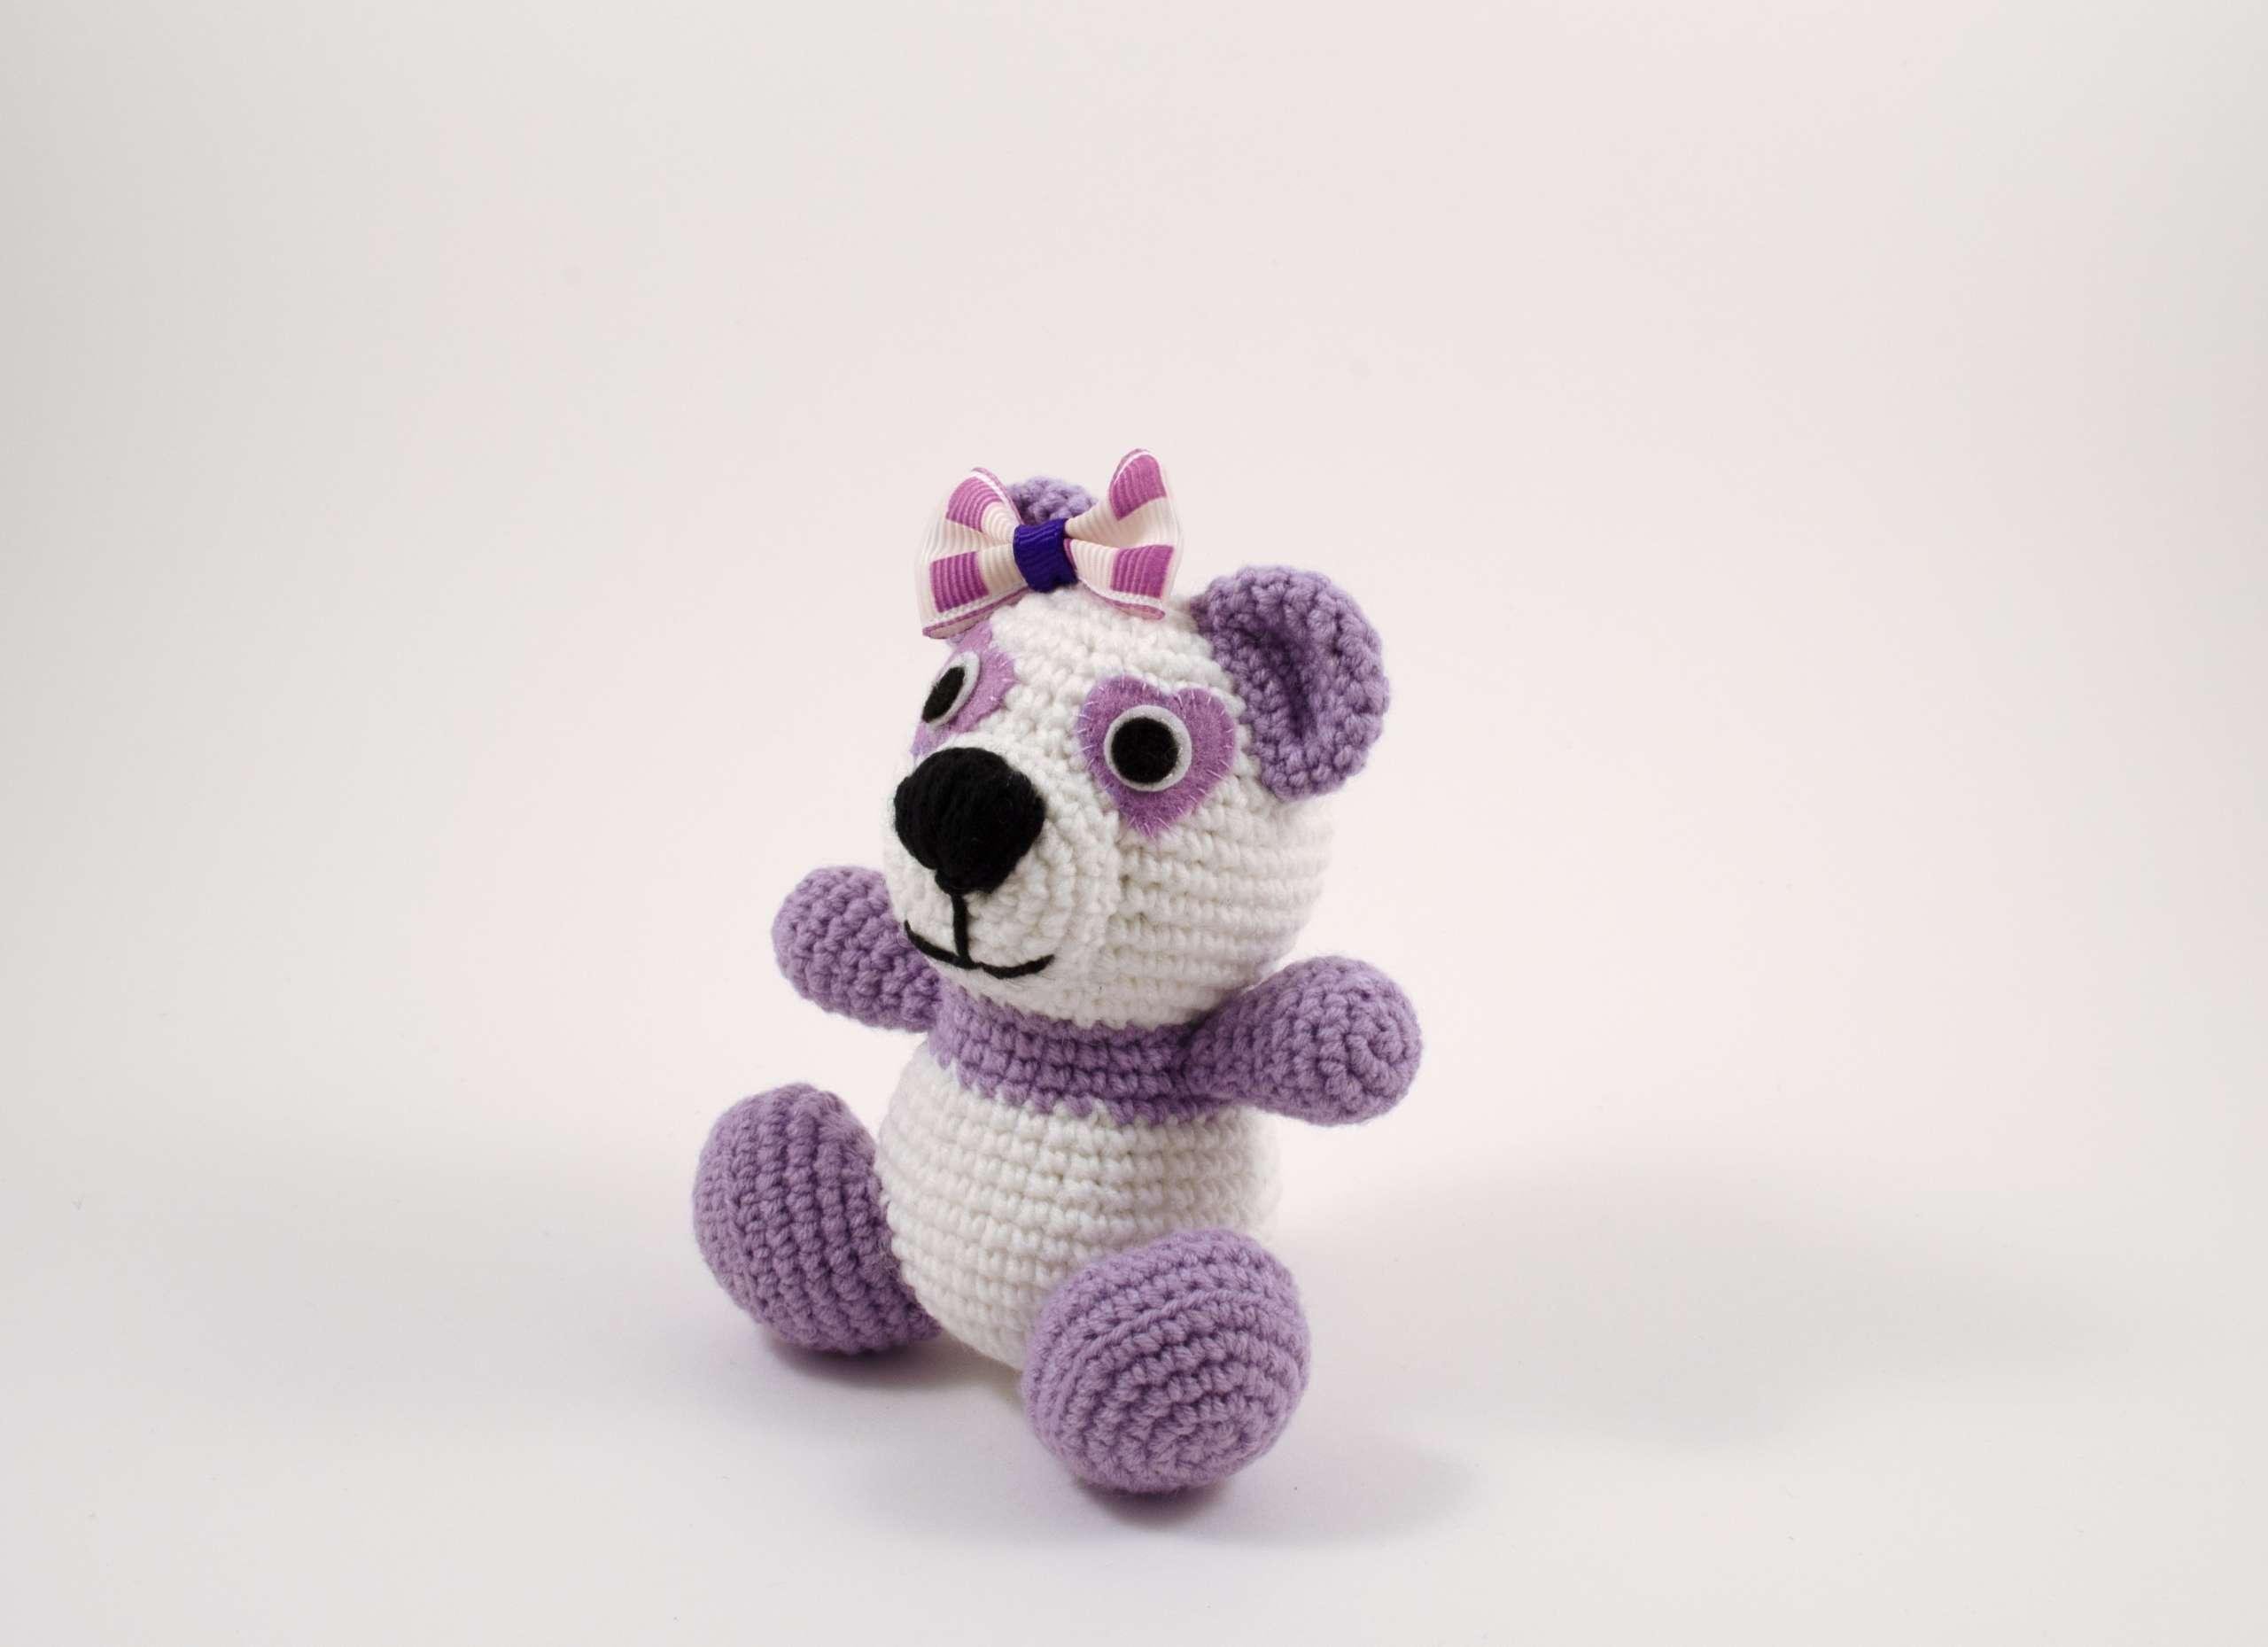 crochet purple panda side view